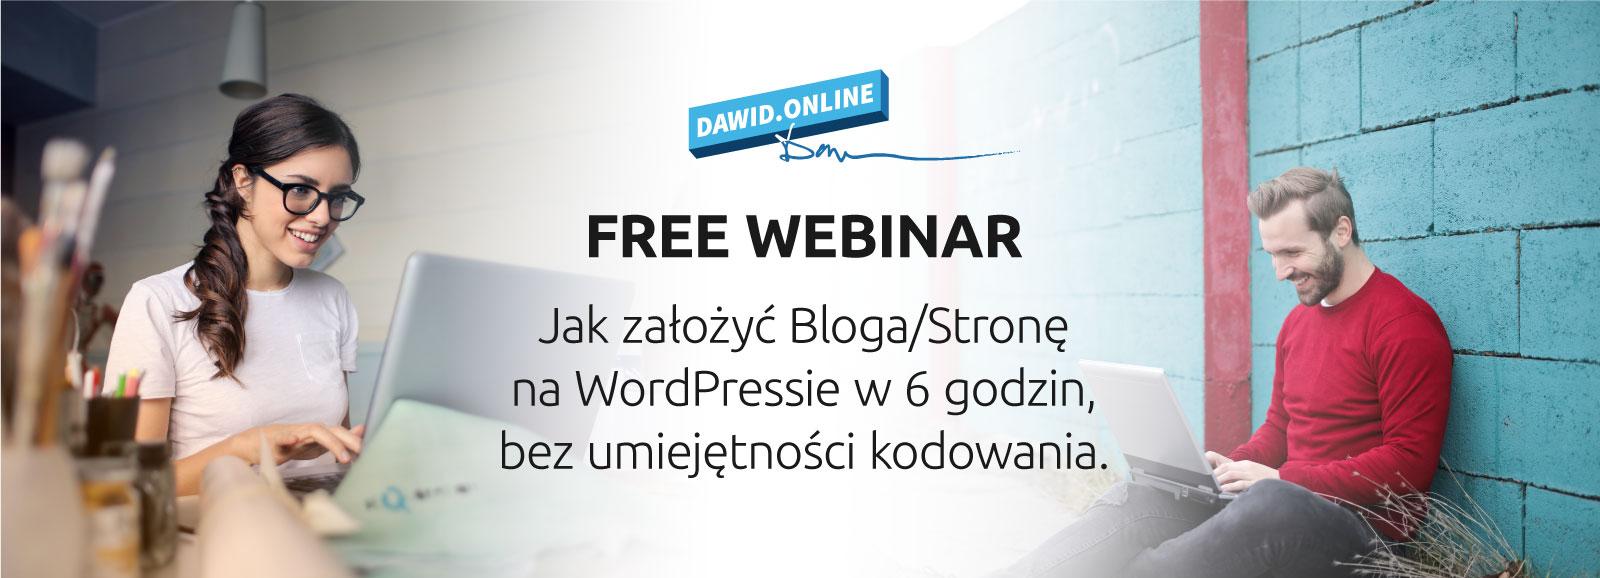 Darmowy Webinar - Jak założyć Bloga/Stronę